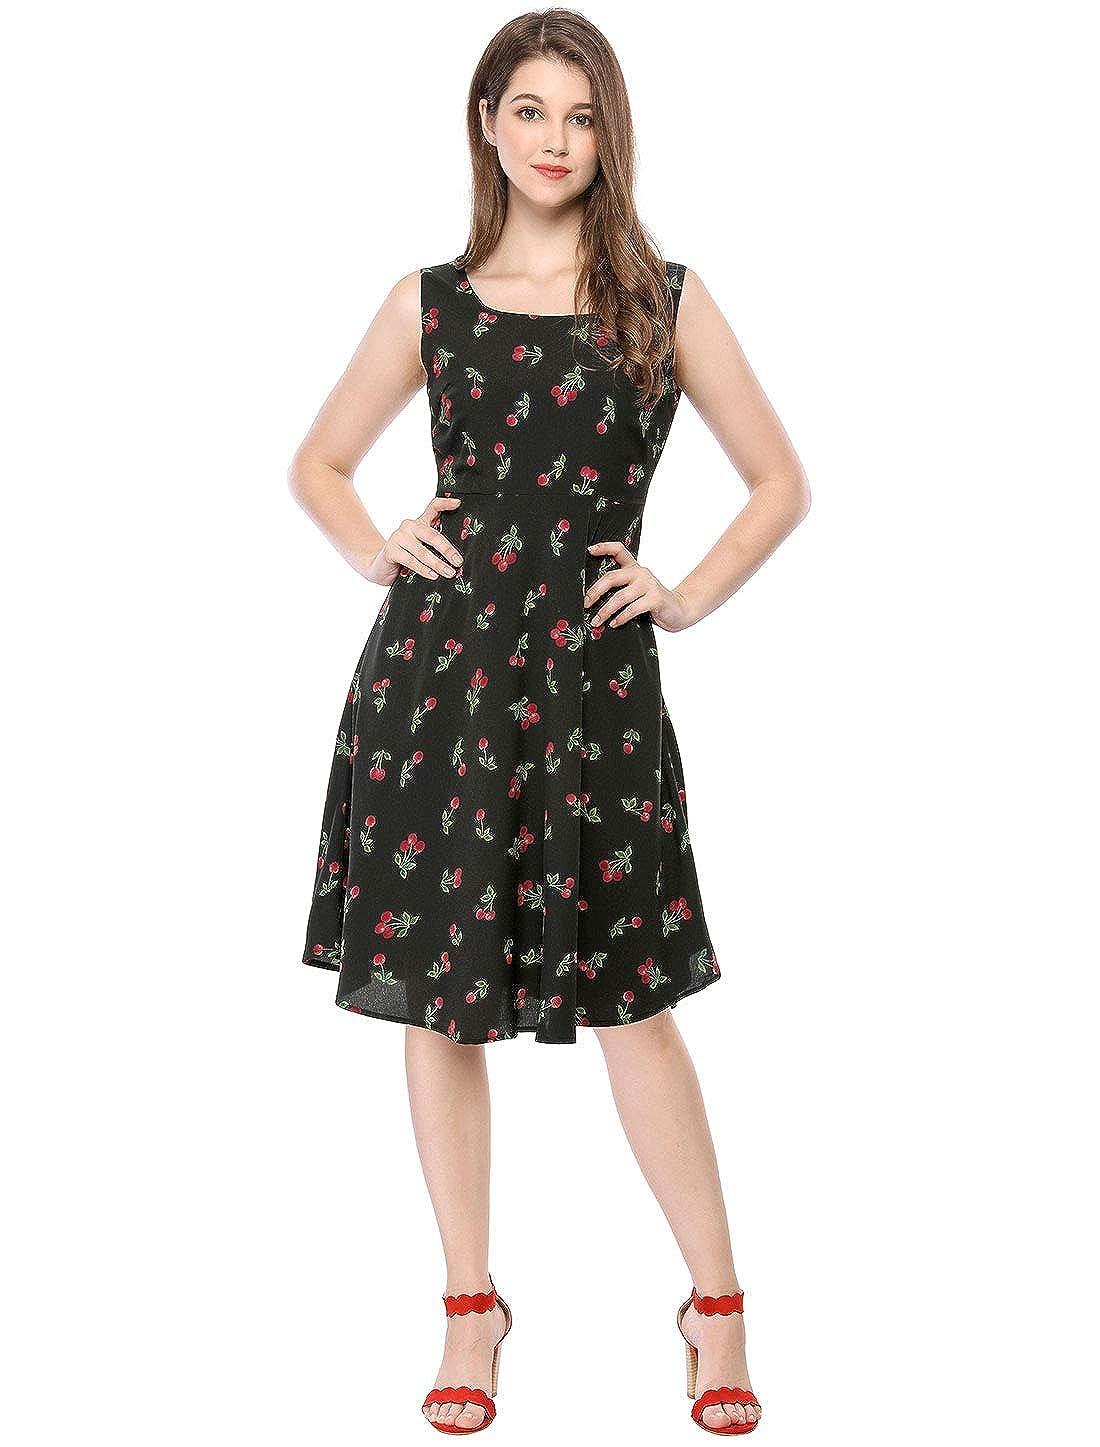 67010744fd352 Allegra K Vestido Midi Vintage Sin Mangas con Estampado De Cerezas para  Mujer  Amazon.es  Ropa y accesorios